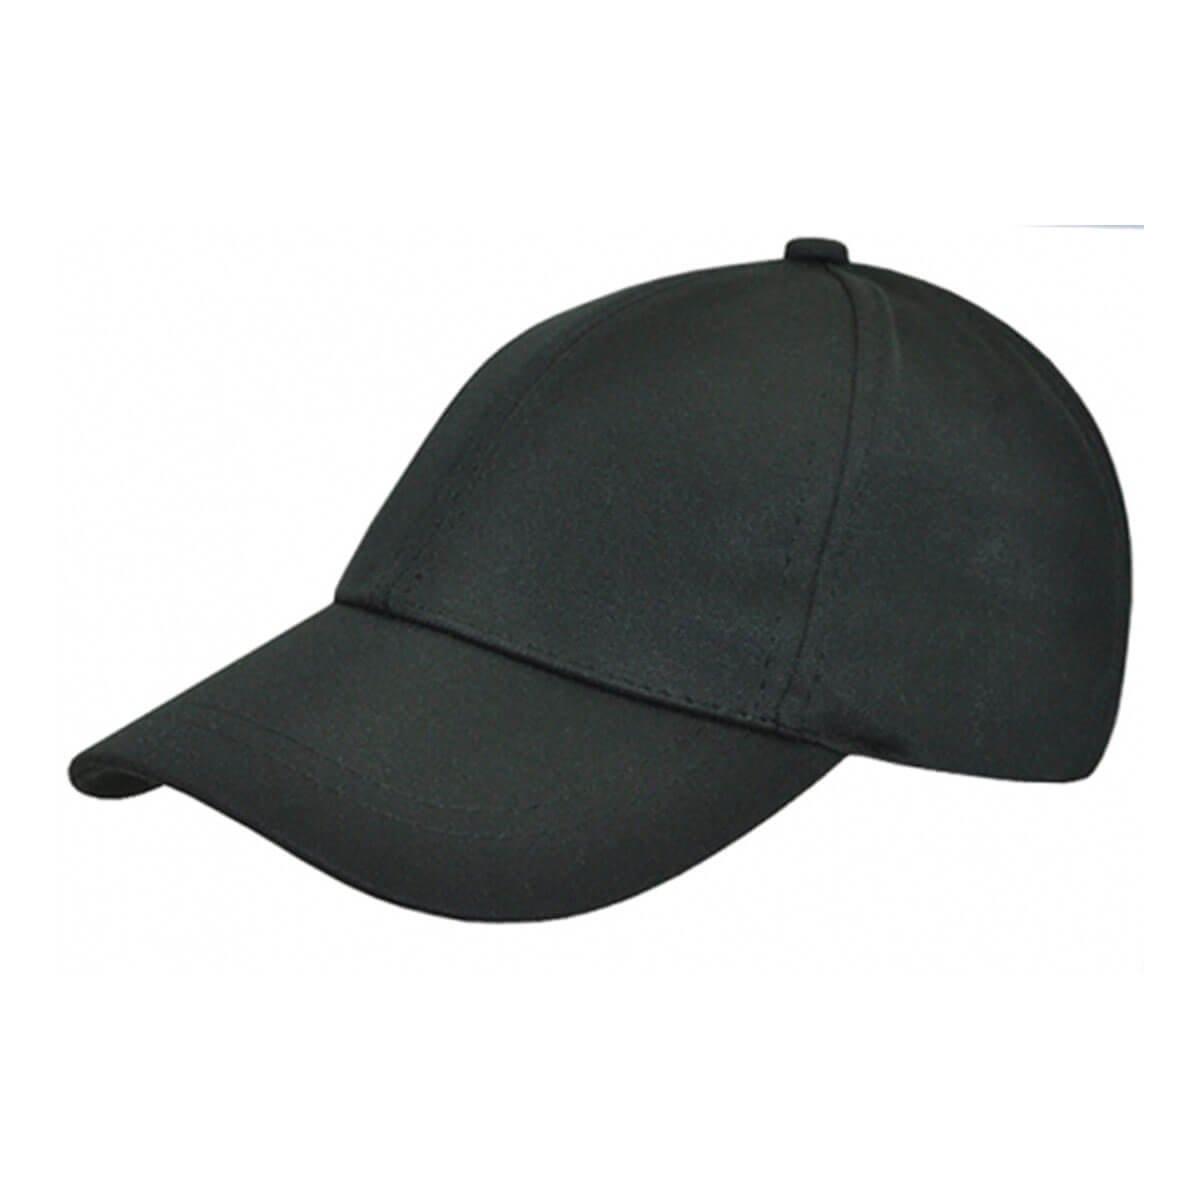 100% Coolde Cap-Black